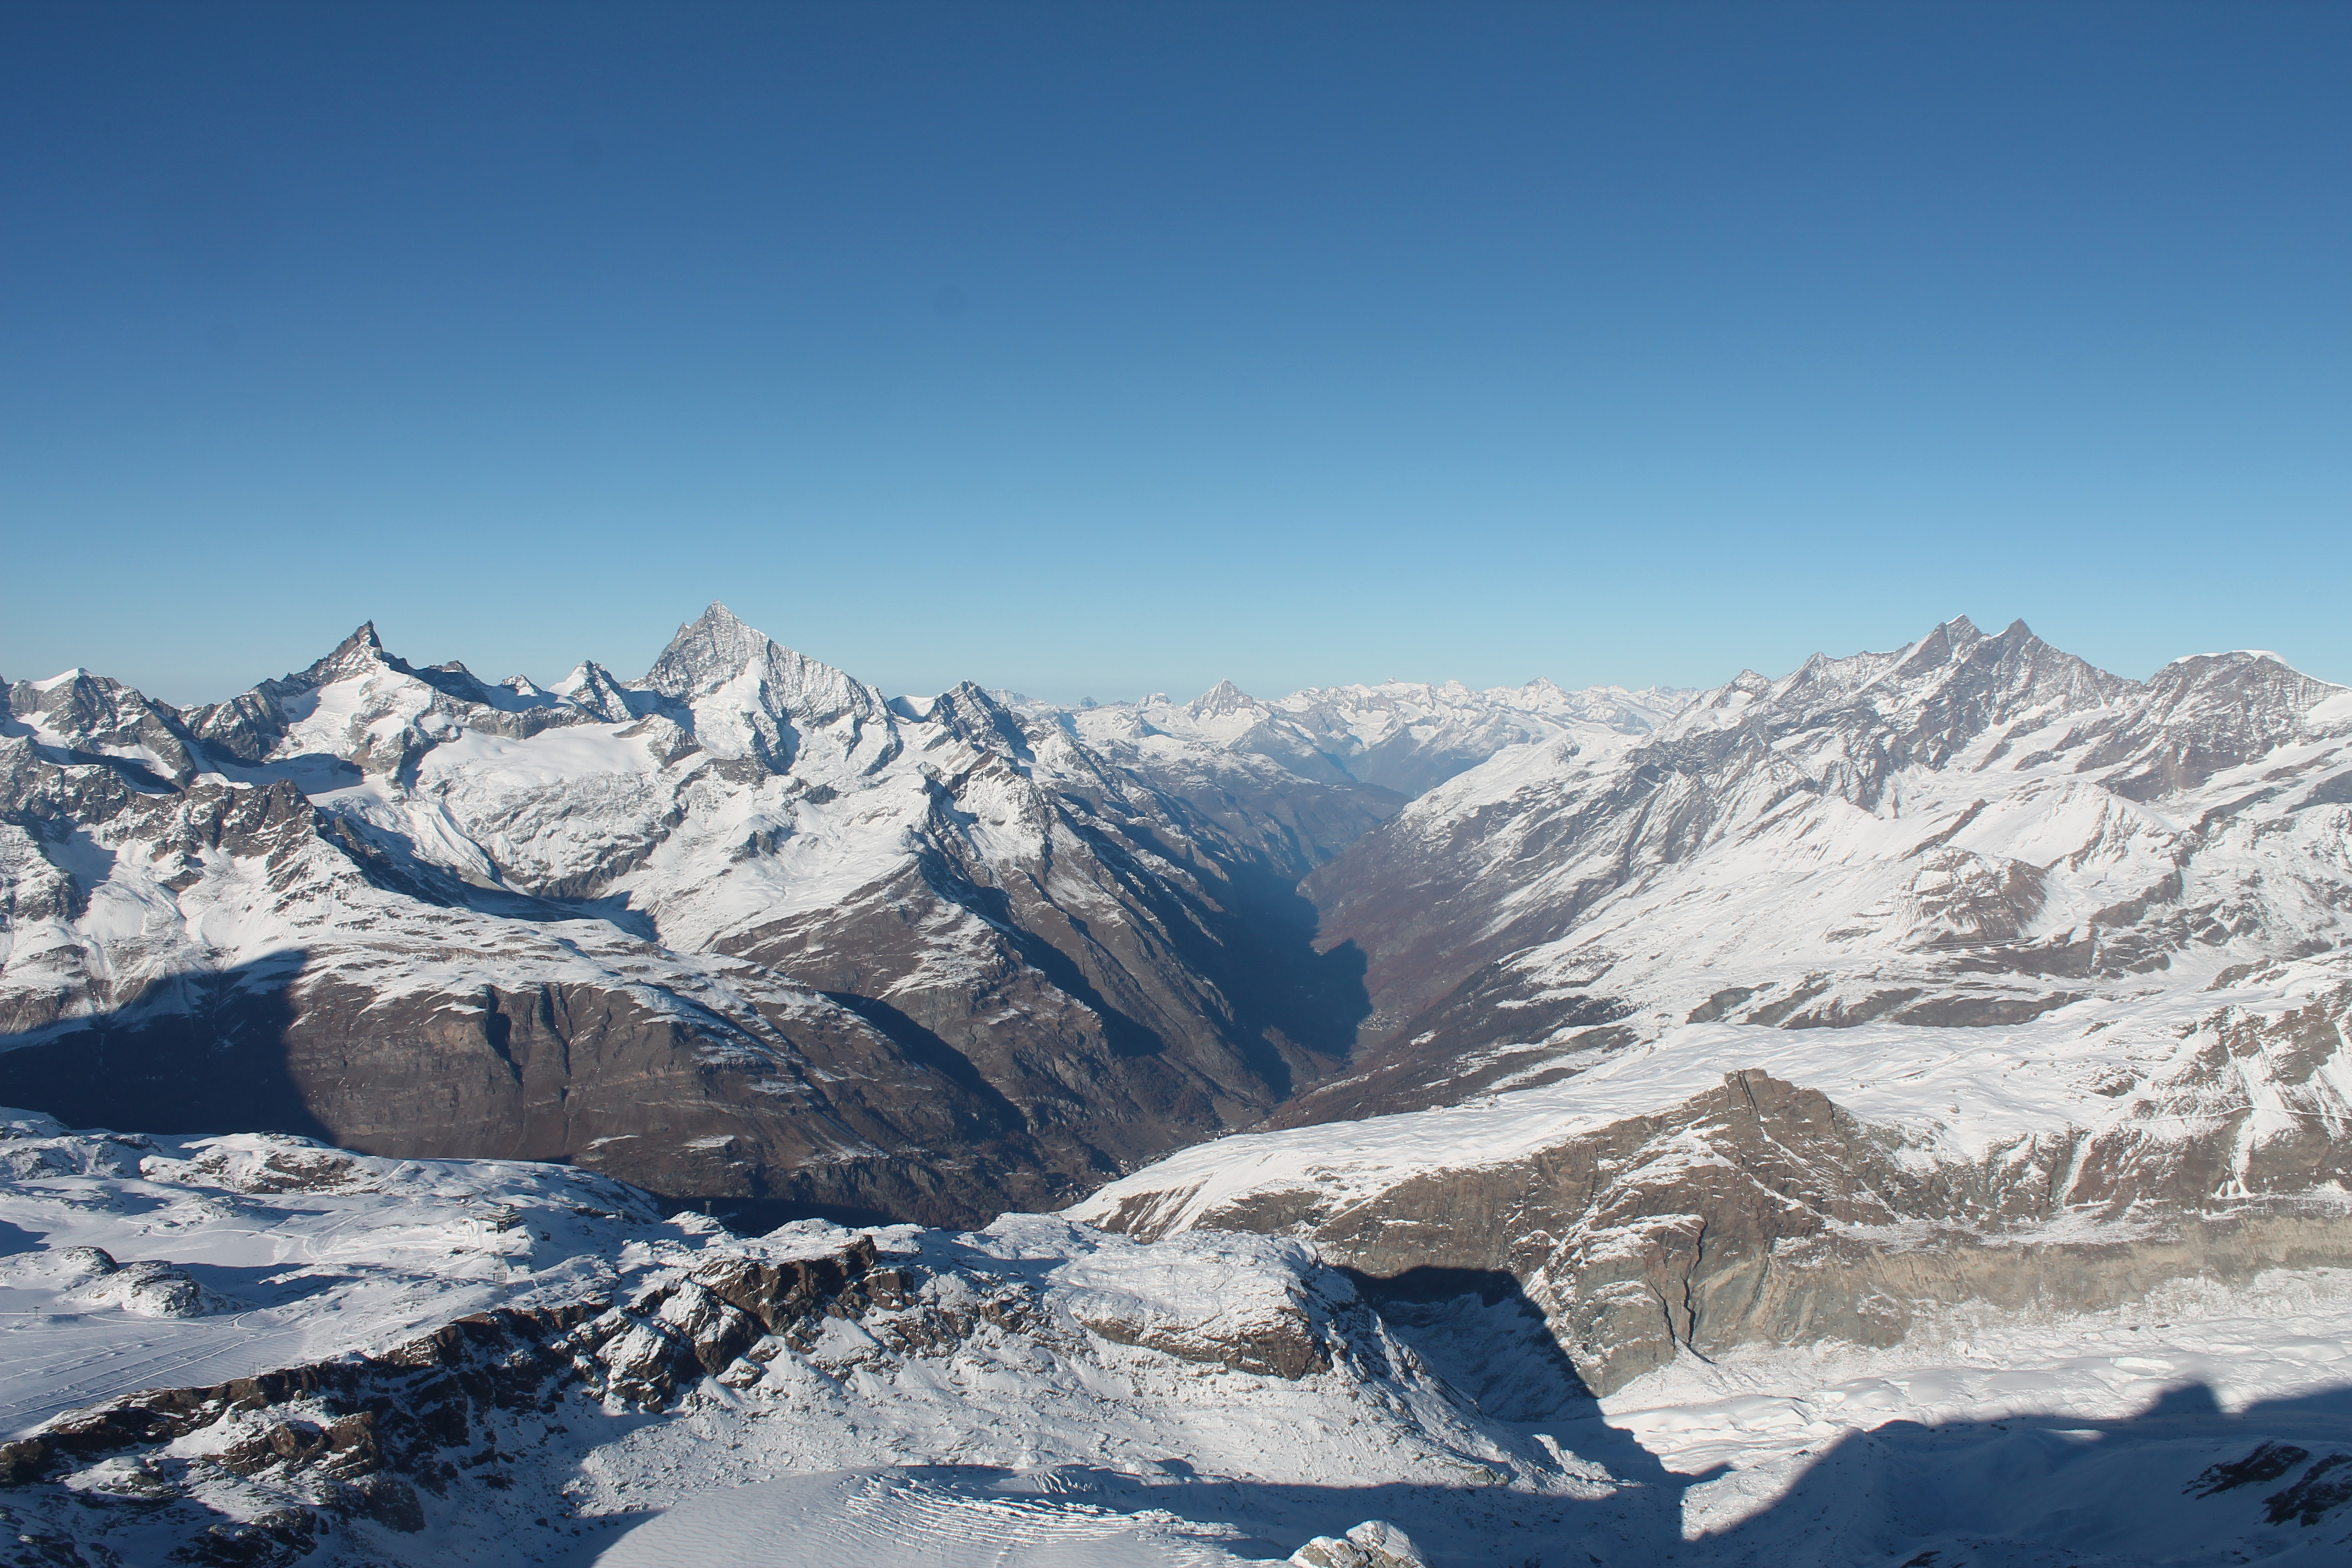 Valle del Cervino, donde se sitúa Zermatt